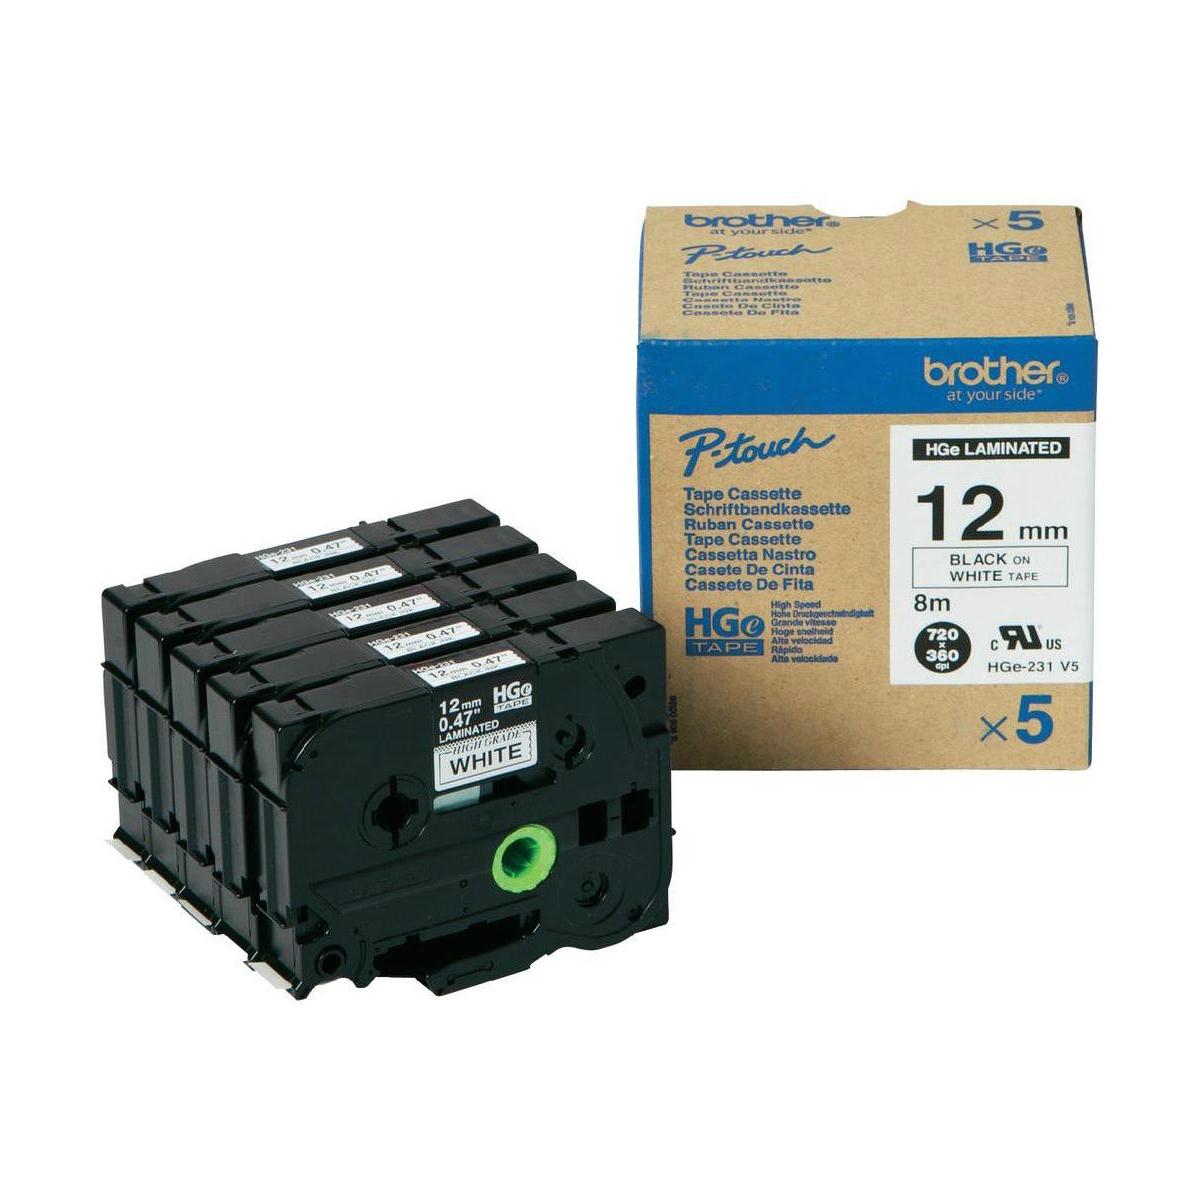 Brother HGE231V5 Black on White 12mm 8M x 12mm High Grade Tape 5 pack